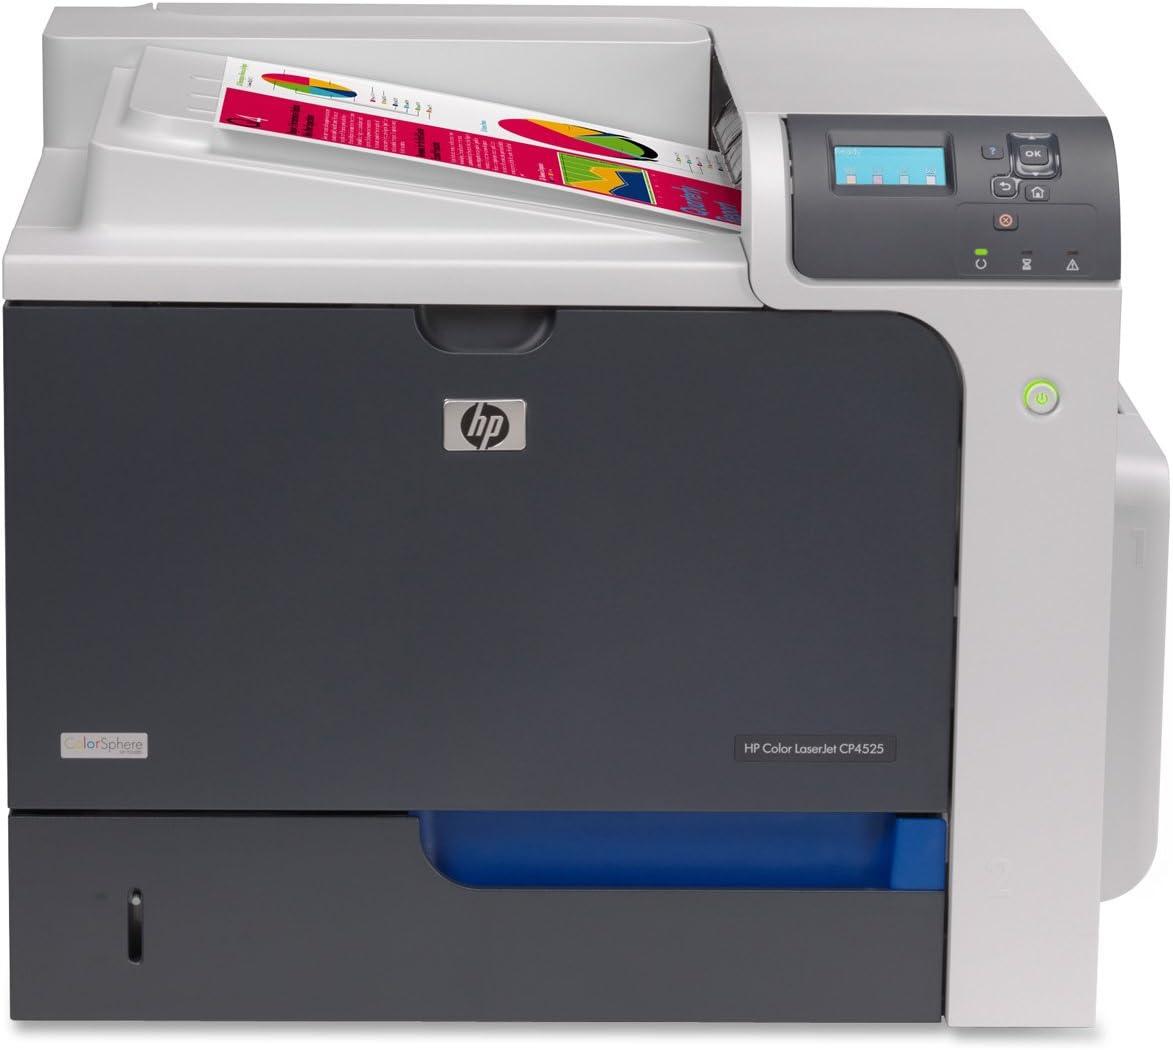 HP Color Laserjet Enterprise CP4525n Printer - Black/Silver (CC493A)